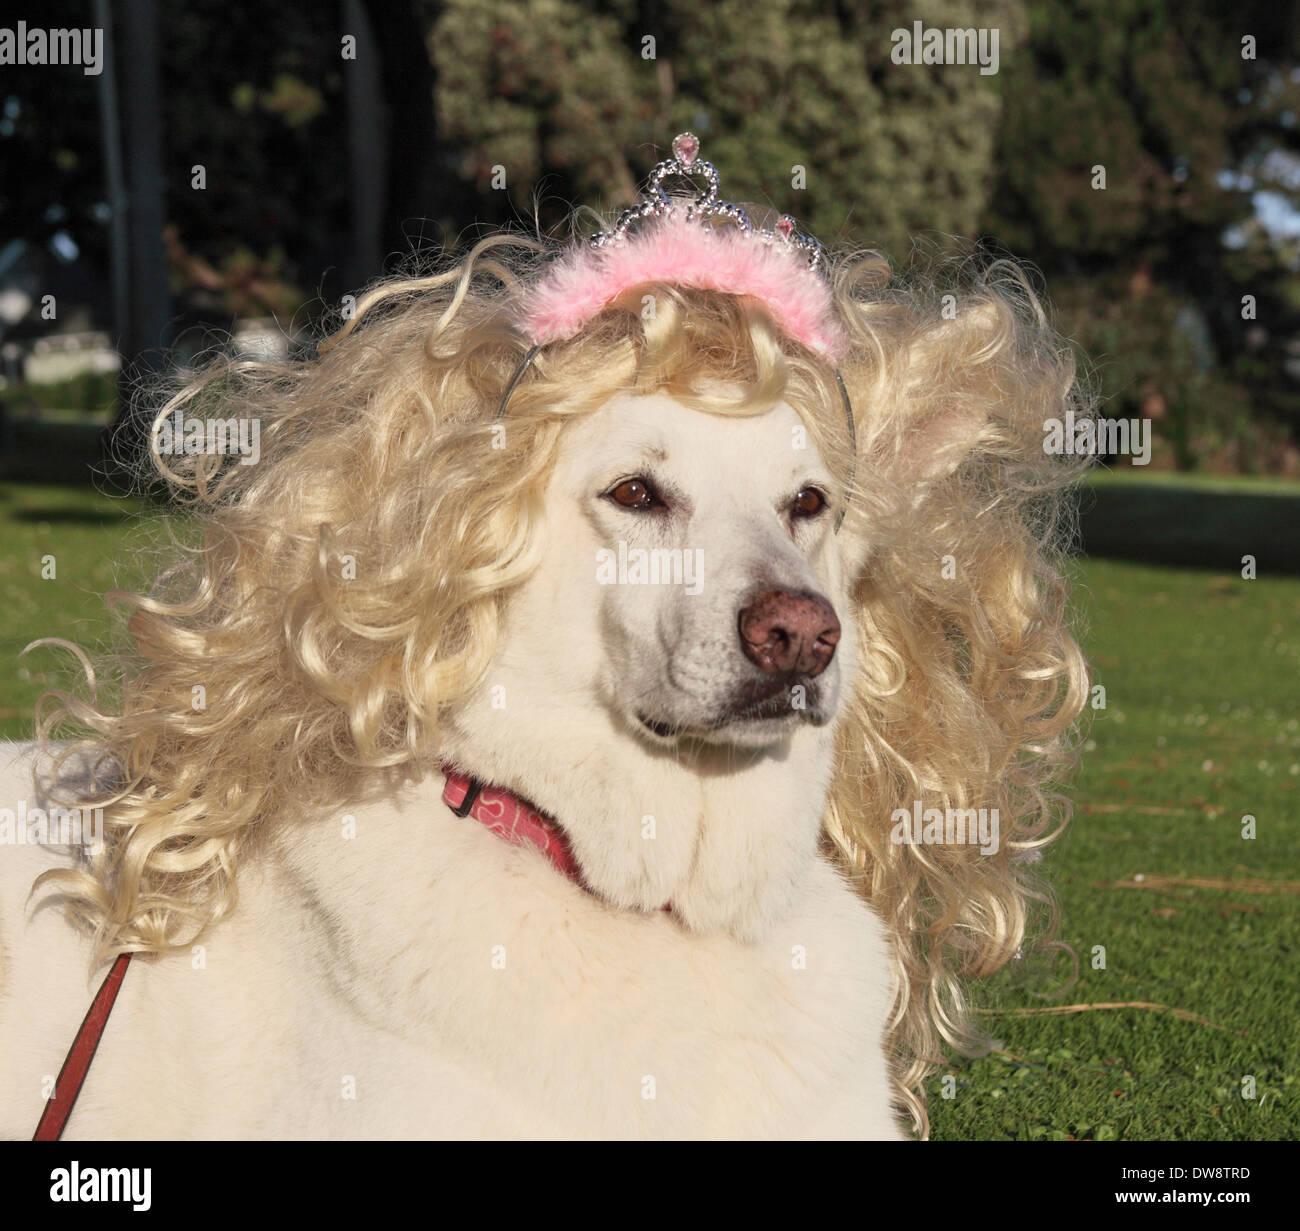 Hund trägt Perücke und und Tiara entspannt auf dem Rasen Stockbild